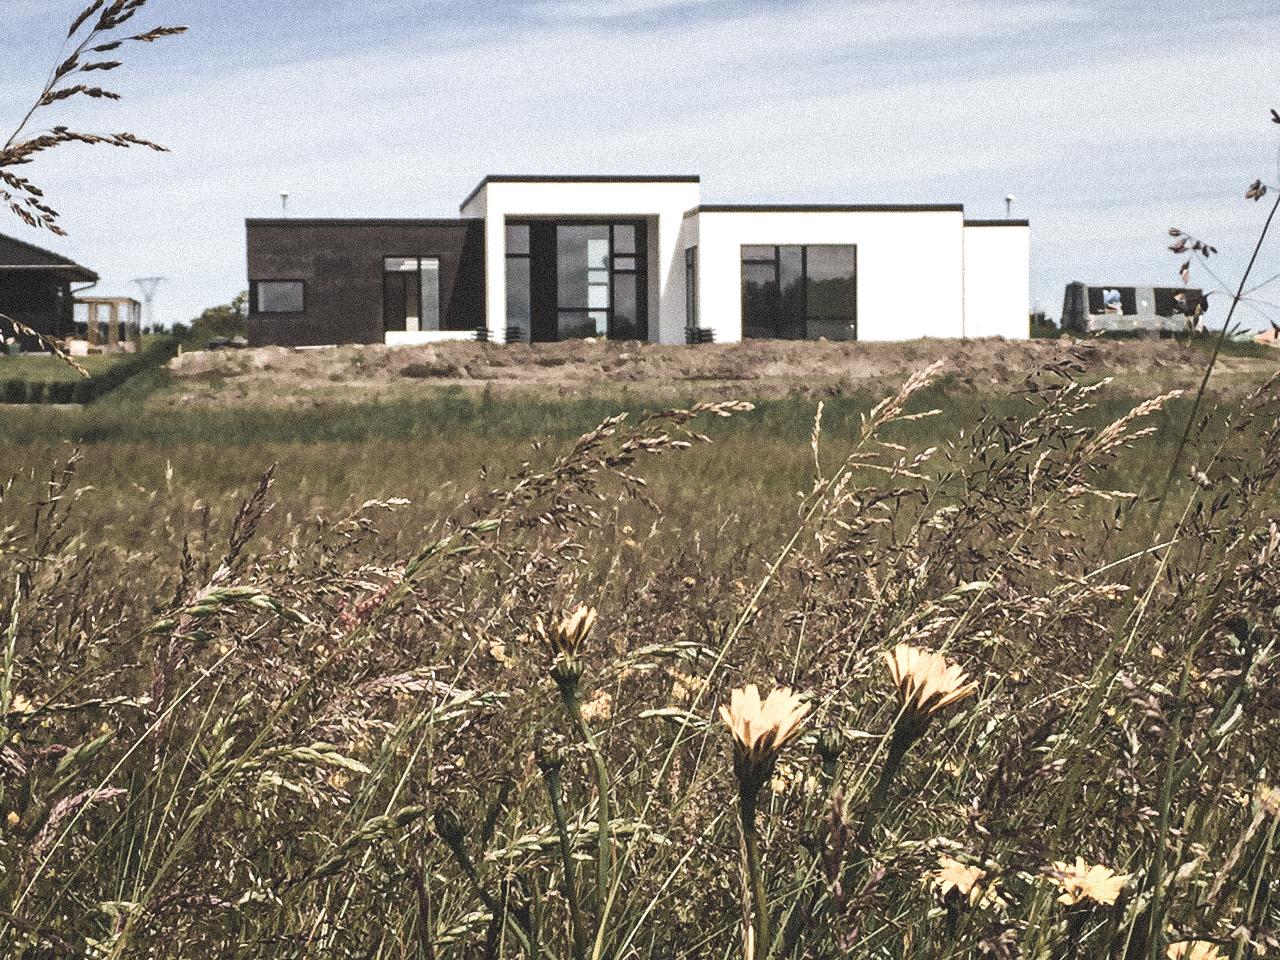 Billede af villa i Aars efter indflytning, tegnet af arkitektfirmaet m2plus.